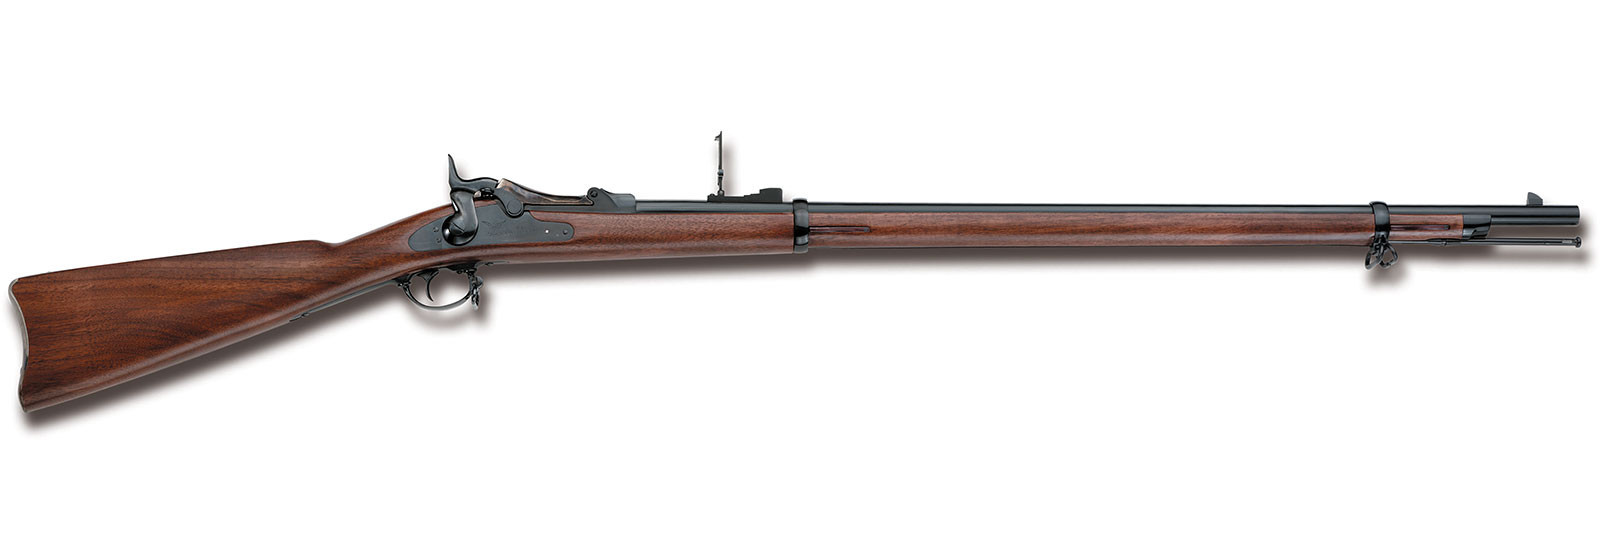 S.trapdoor rifle .45-70